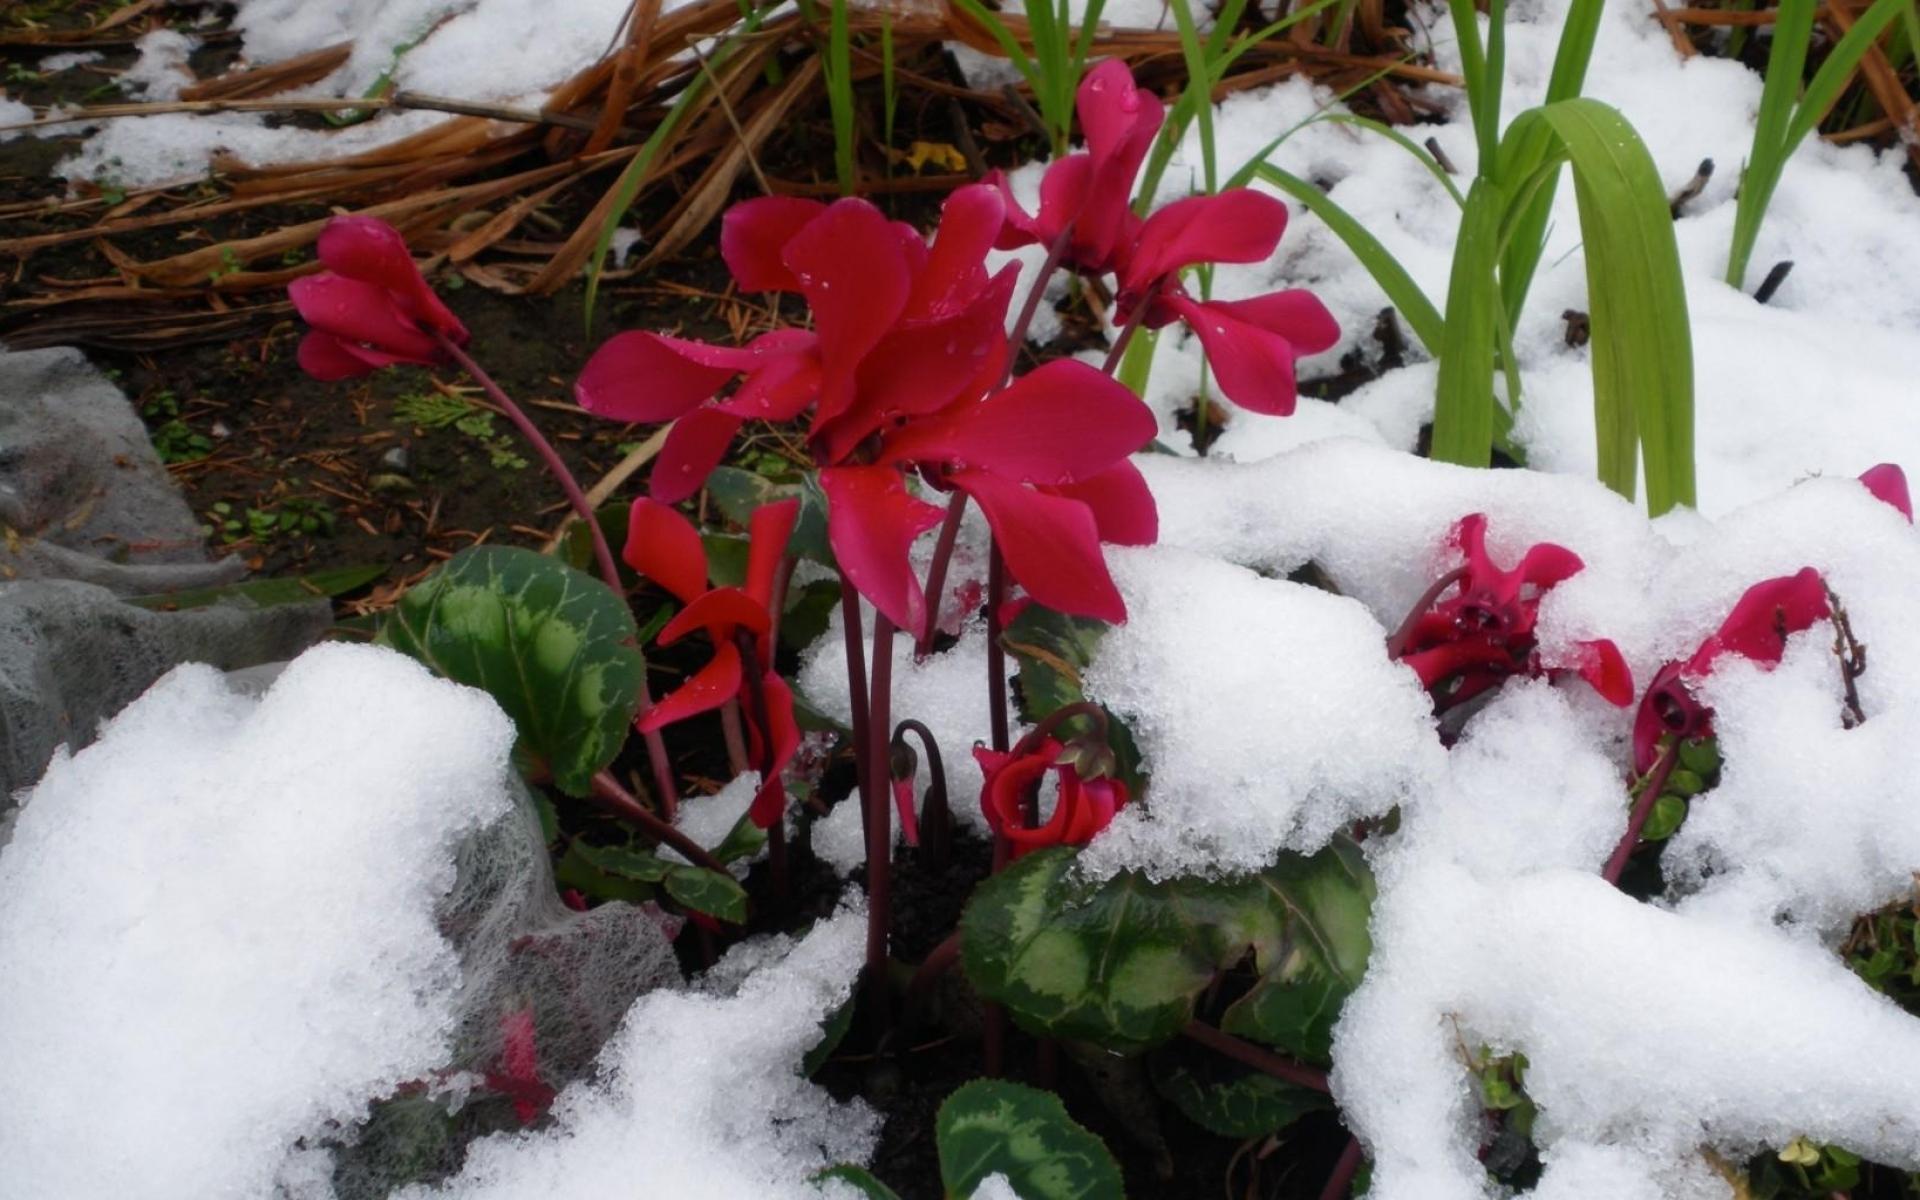 Картинки Цикламен, цветы, снег, холод, крупный план фото и обои на рабочий стол